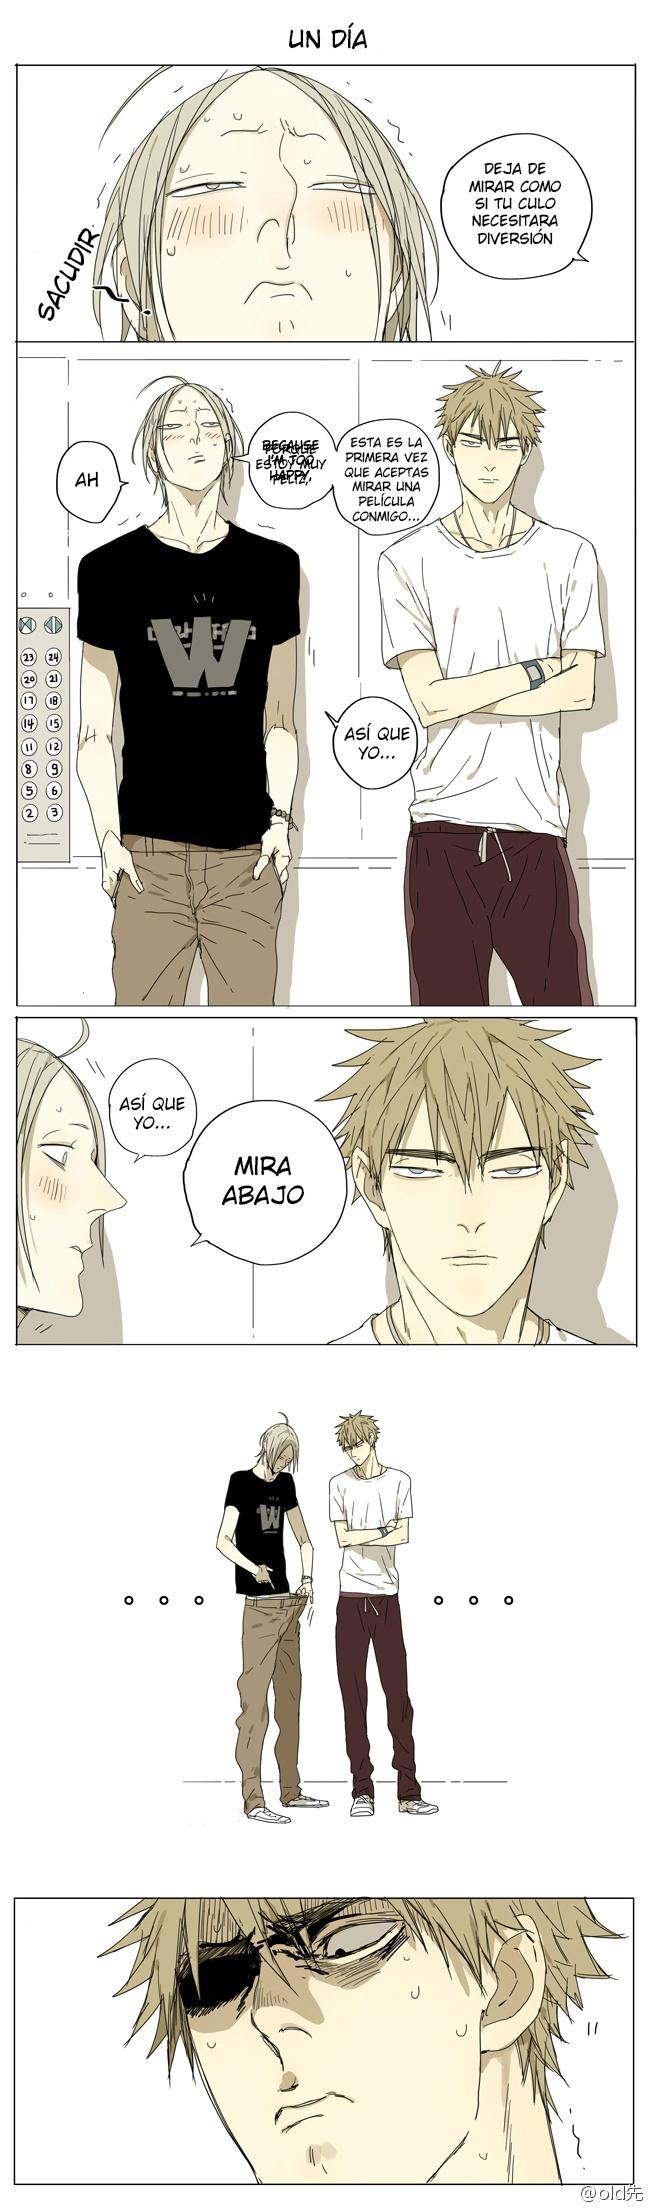 http://c5.ninemanga.com/es_manga/7/15943/381020/c700210cfc5df8b6945ef634ce4a32cc.jpg Page 9